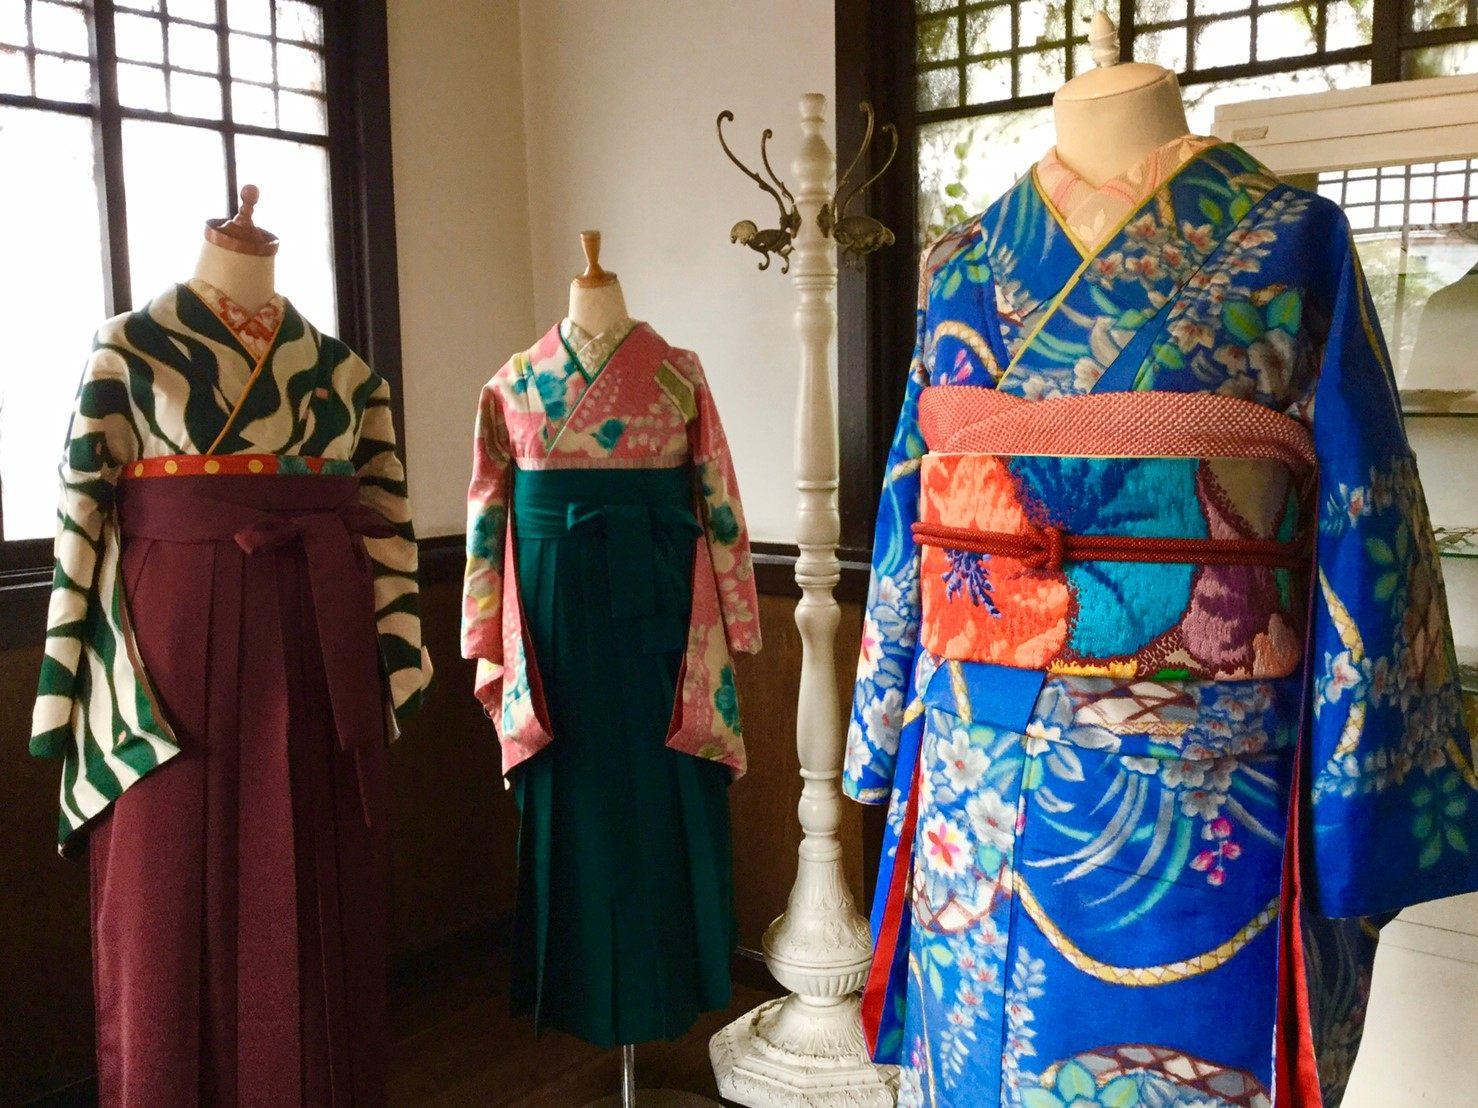 參考店內琳瑯滿目的和服搭配找到適合自己的一款吧